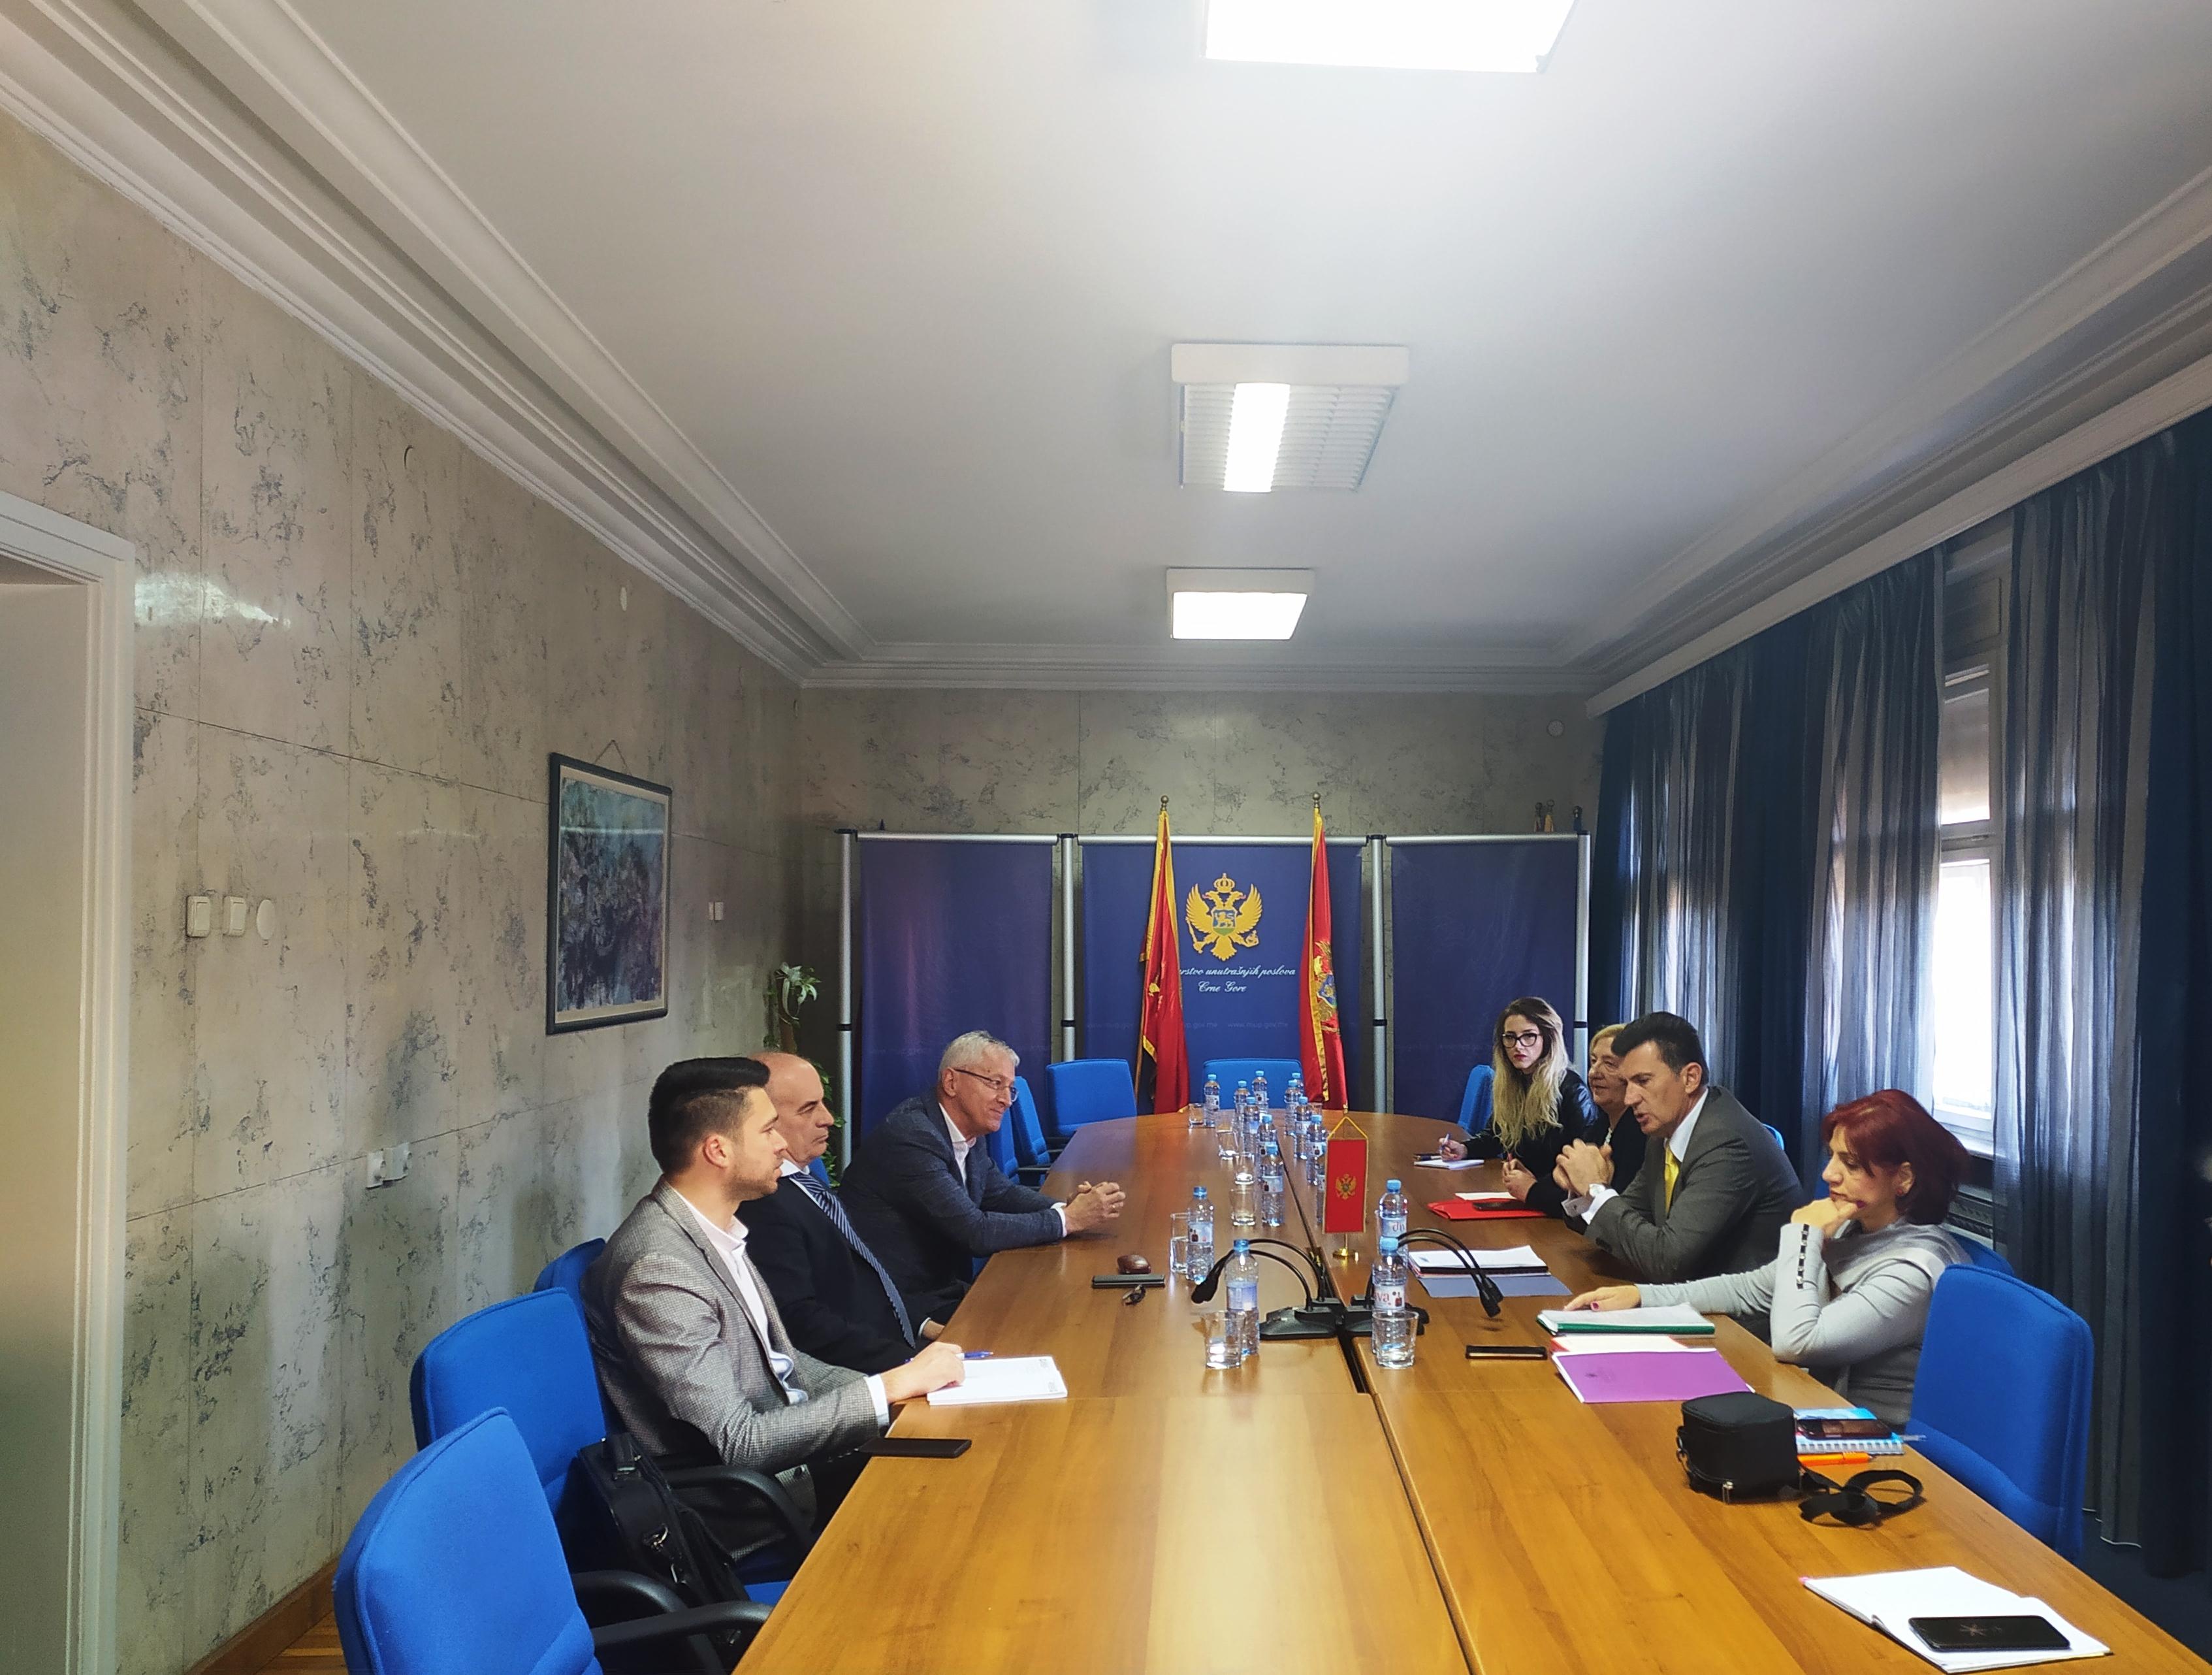 Sastanak predstavnika MUP-a i DIK-a: Saradnjom do kvalitetne realizacije obaveza iz izbornih zakona